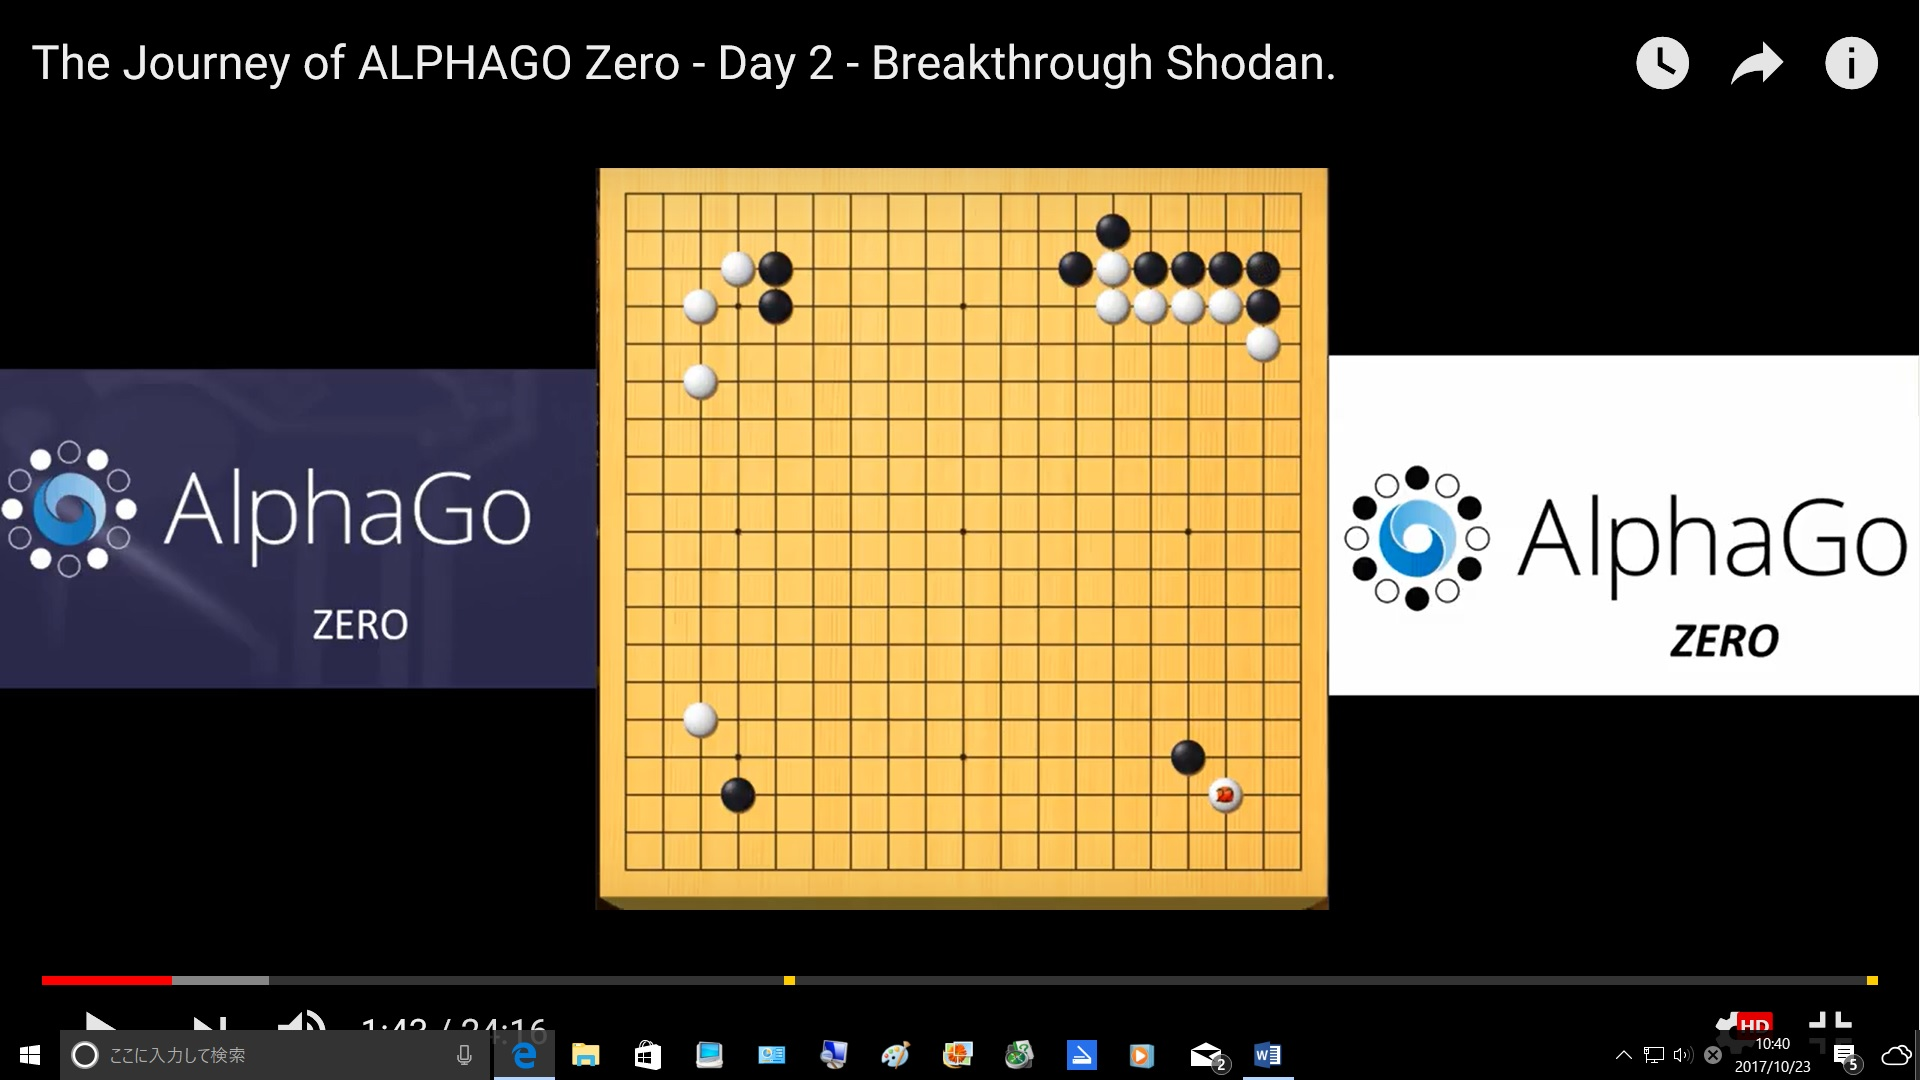 AlphaGo ZERO 2